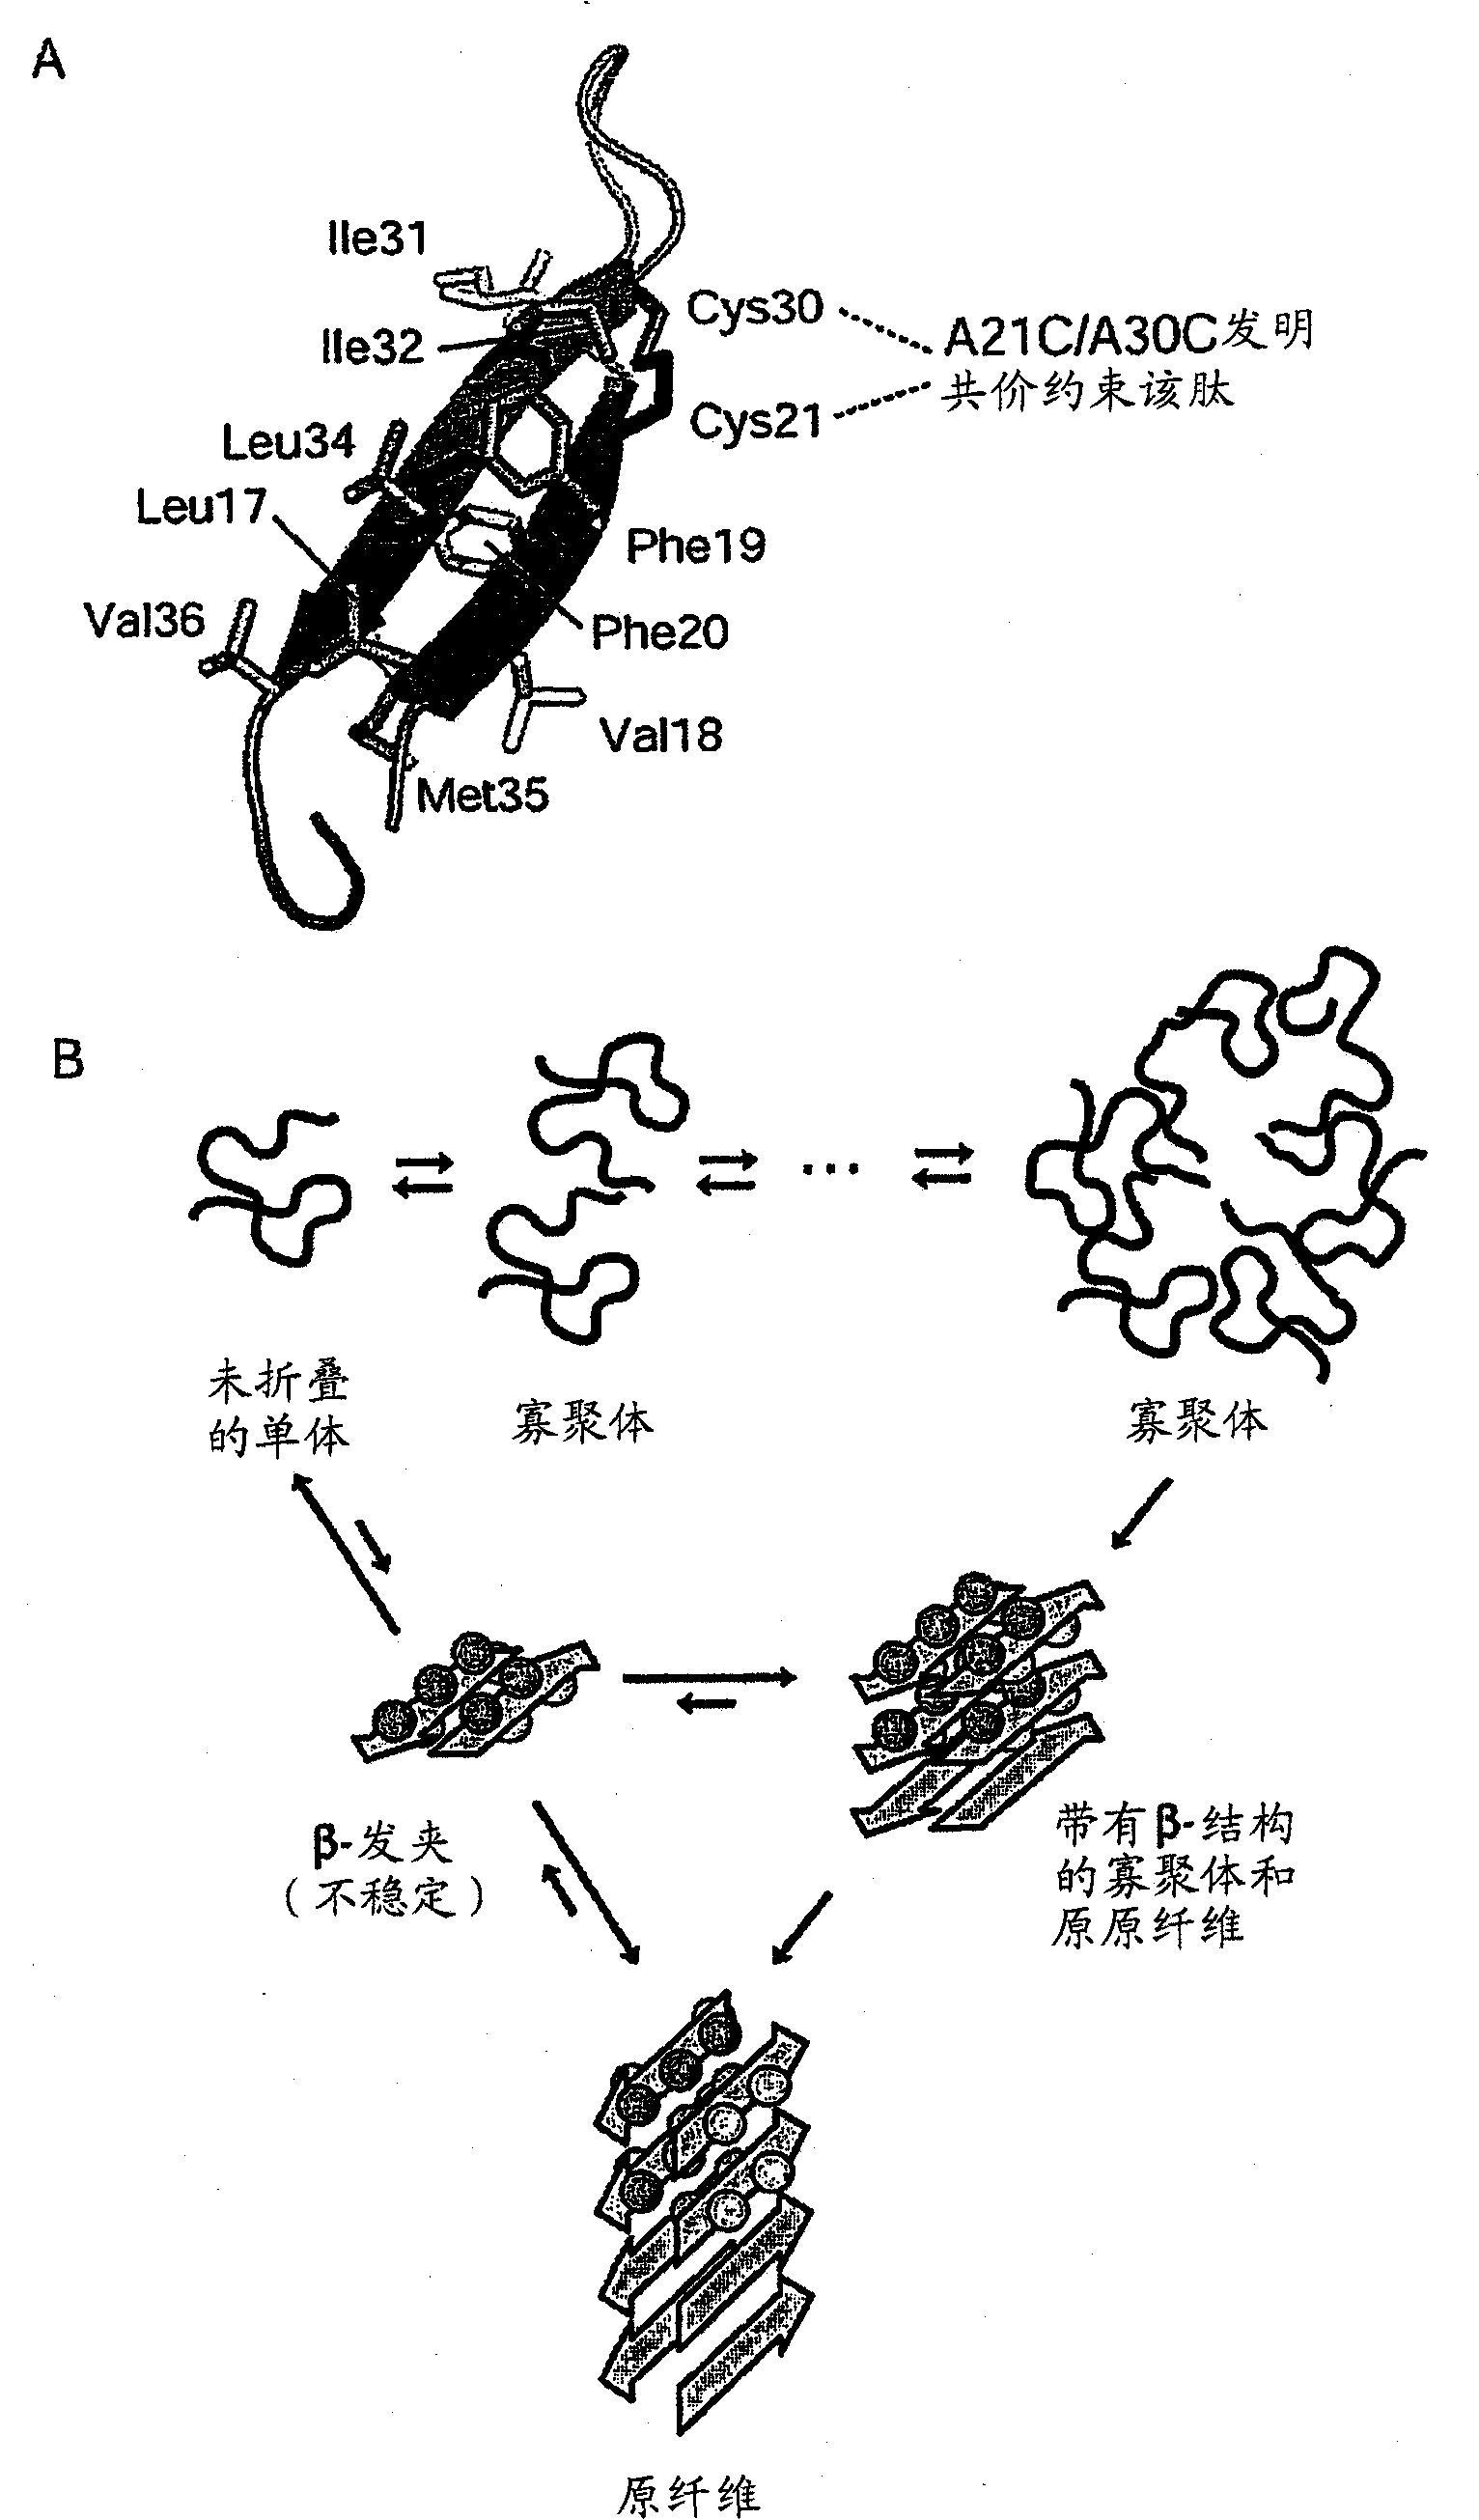 科学家发现酸性环境促进β淀粉样蛋白寡聚体的形成